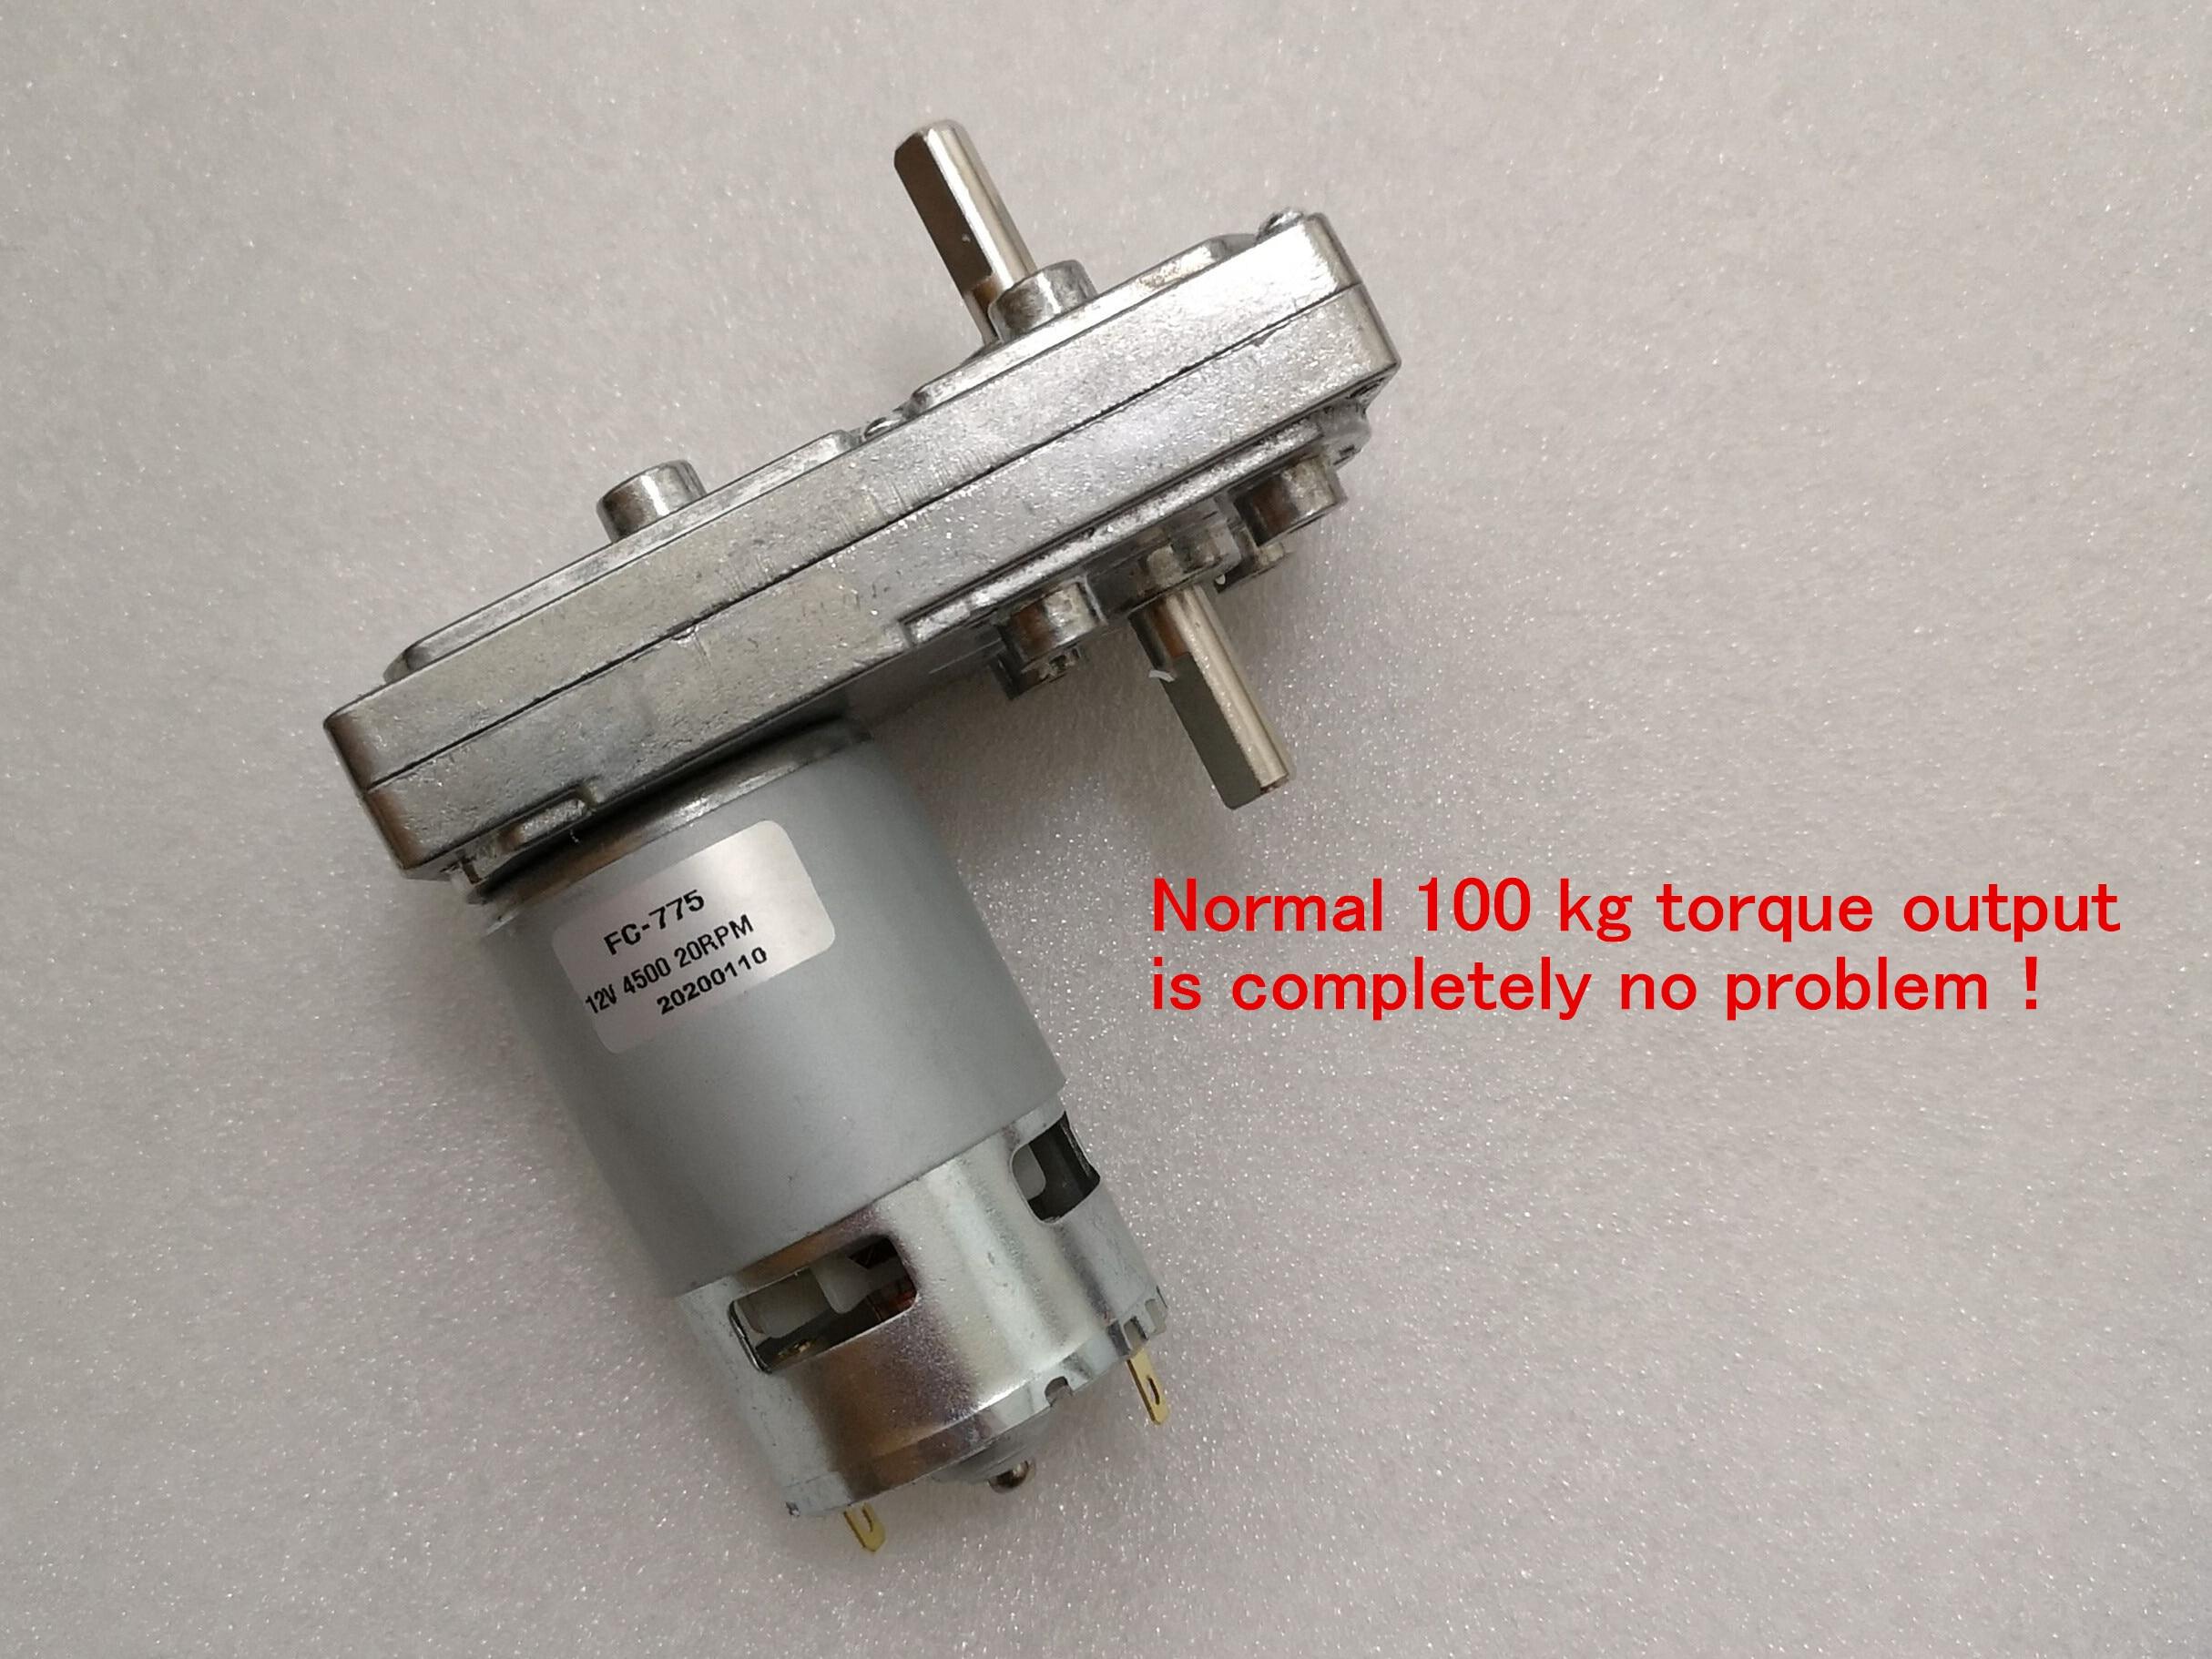 DC 12V 24V 4500RPM Large Torque RS-755 DC Motor D Shaft Electric Tools Model DIY